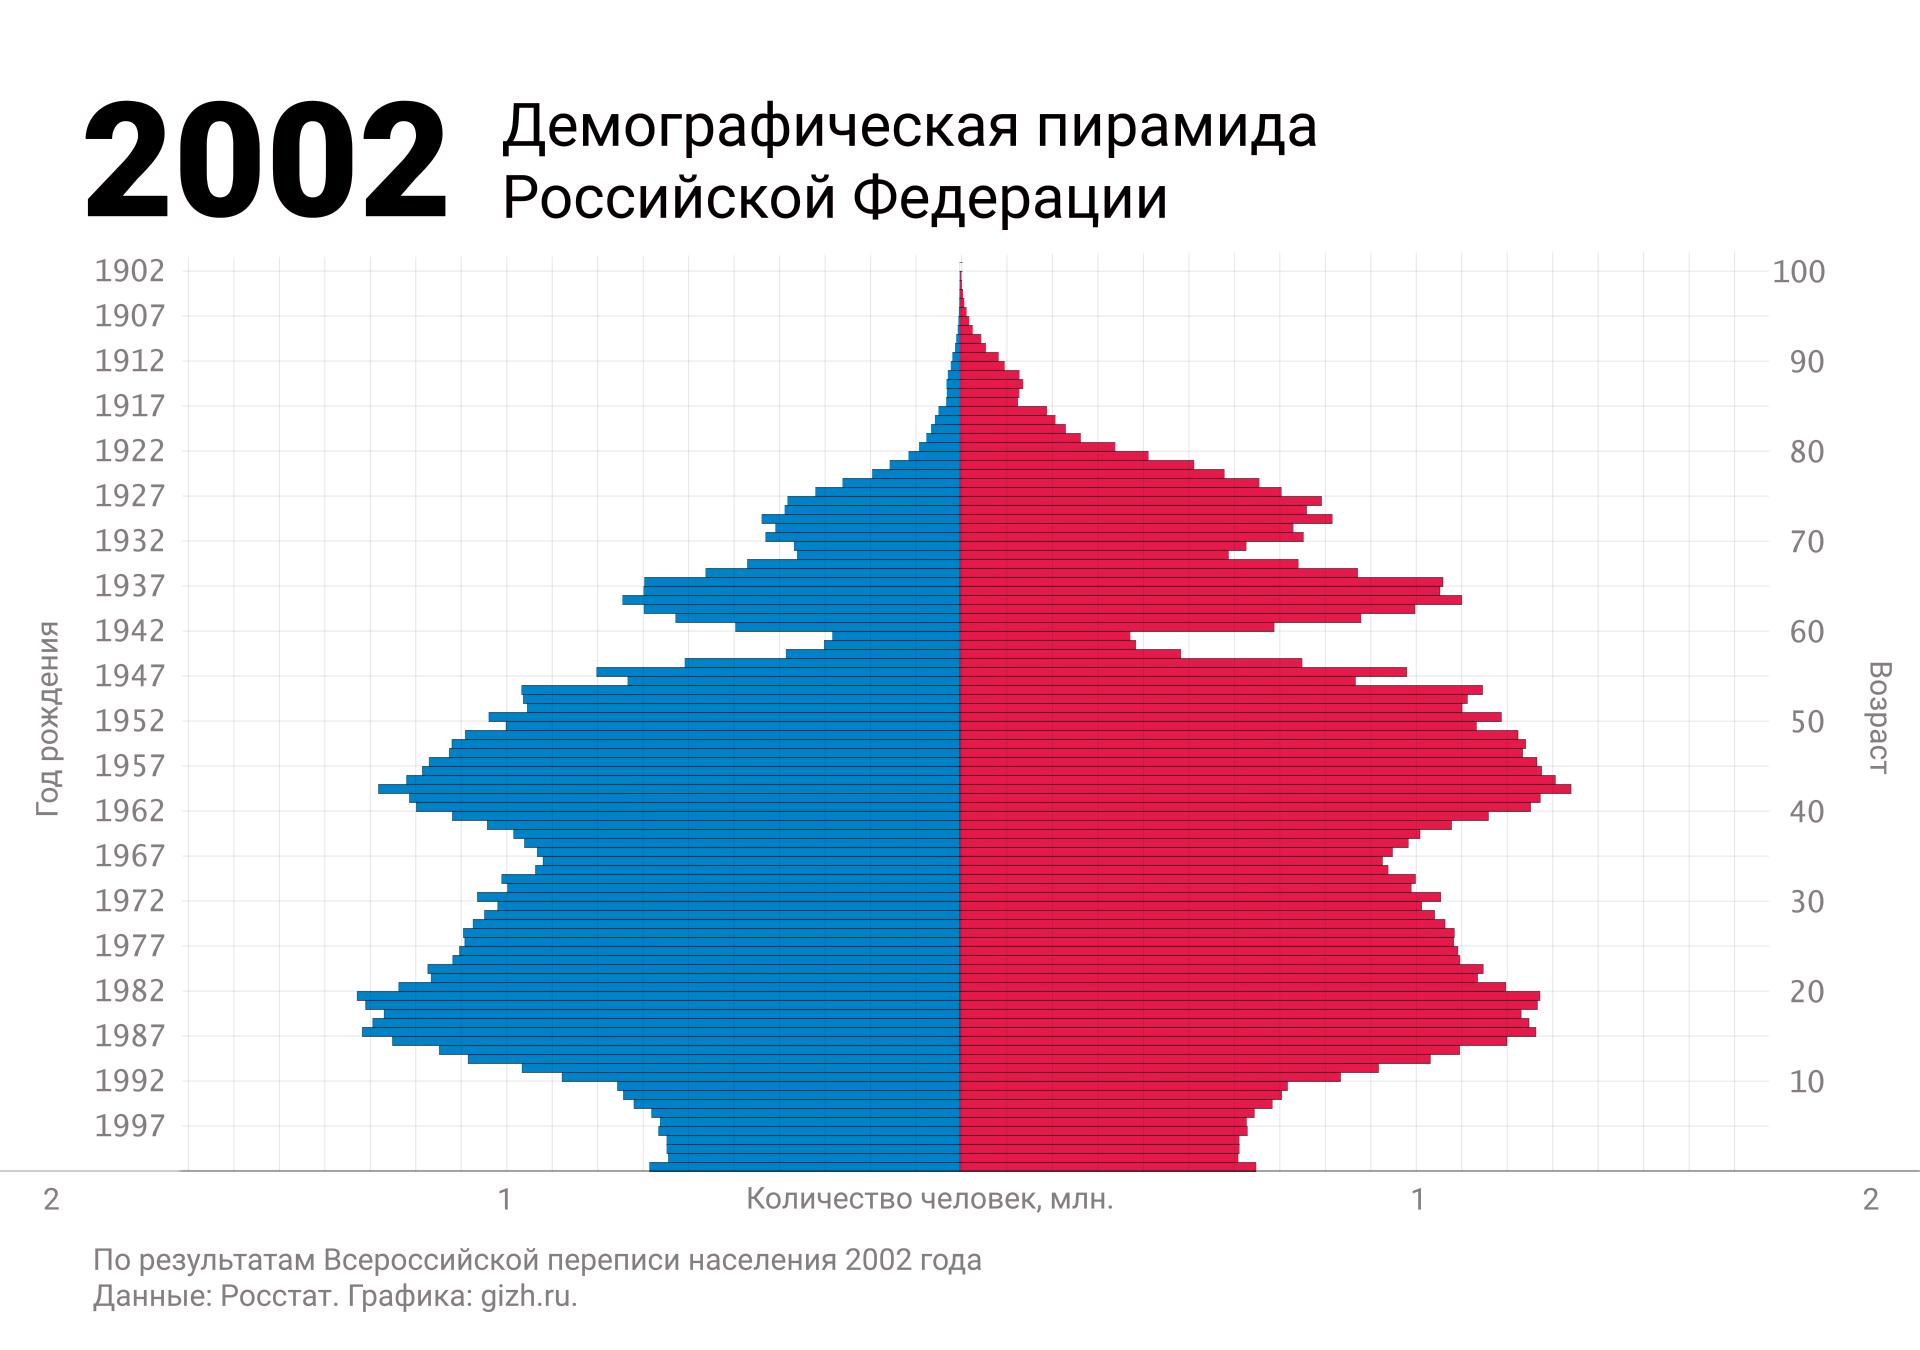 Демографическая (половозрастная) пирамида России по переписи 2002